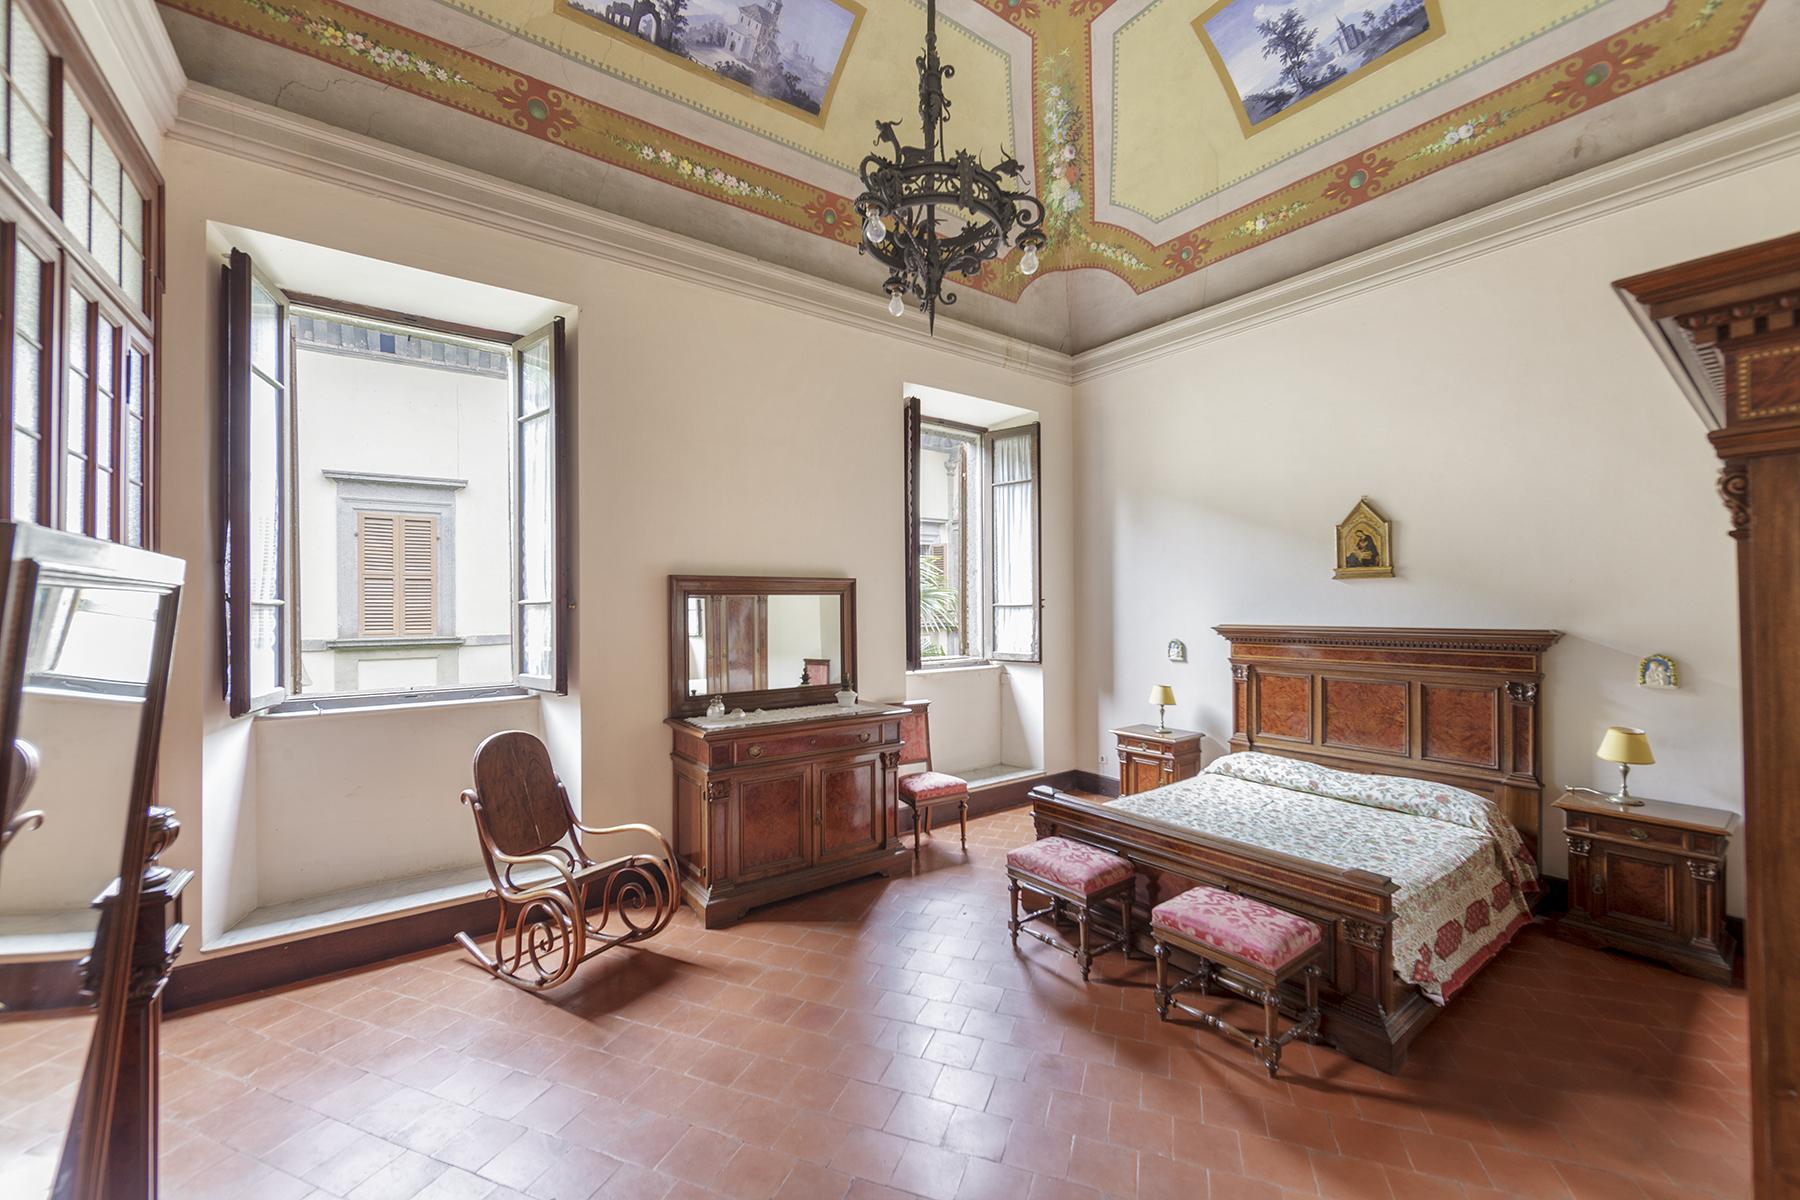 Прекрасный дворец в стиле Ренессанса - 14